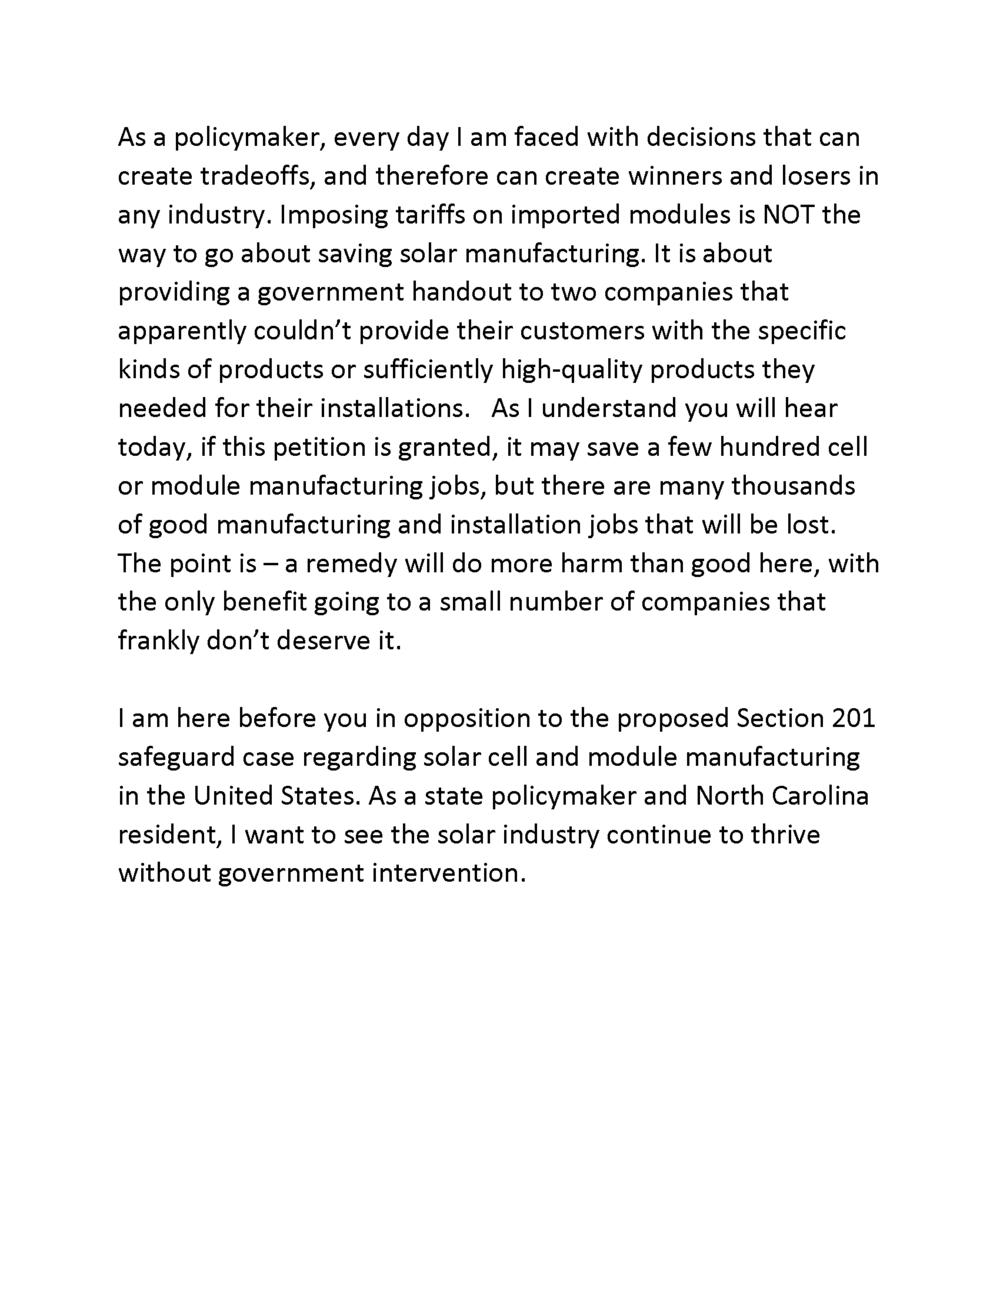 RepSaine_Aug15_USITC_draft3 (002)_Page_3.png